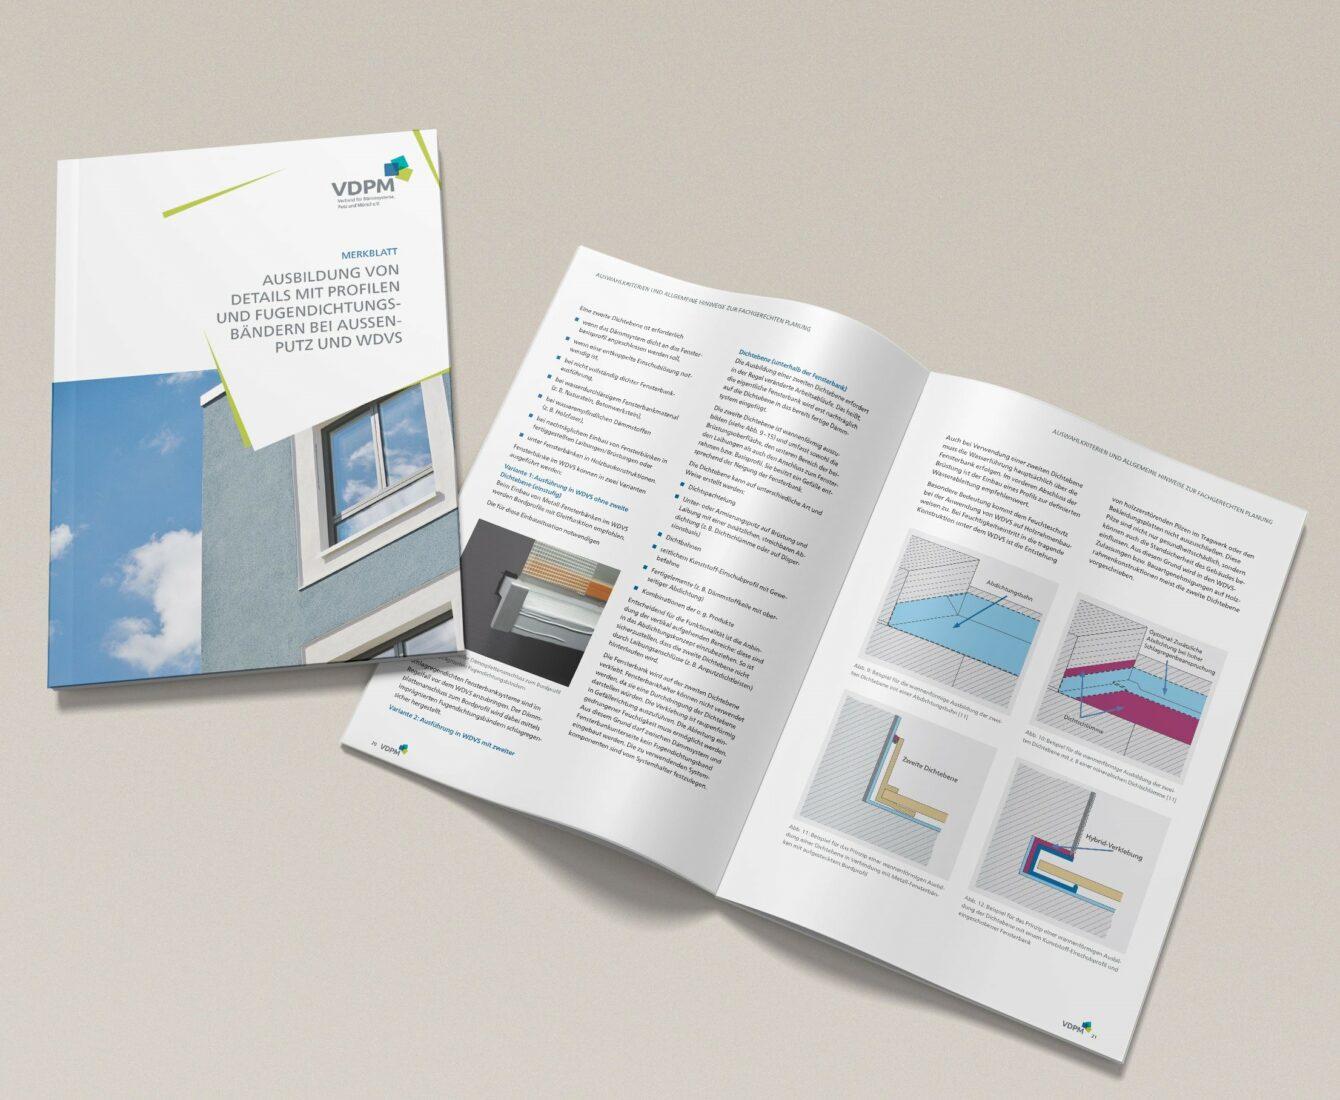 Das Merkblatt steht auf der Website des VDPM zum kostenlosen Download bereit: Abb.: VDPM